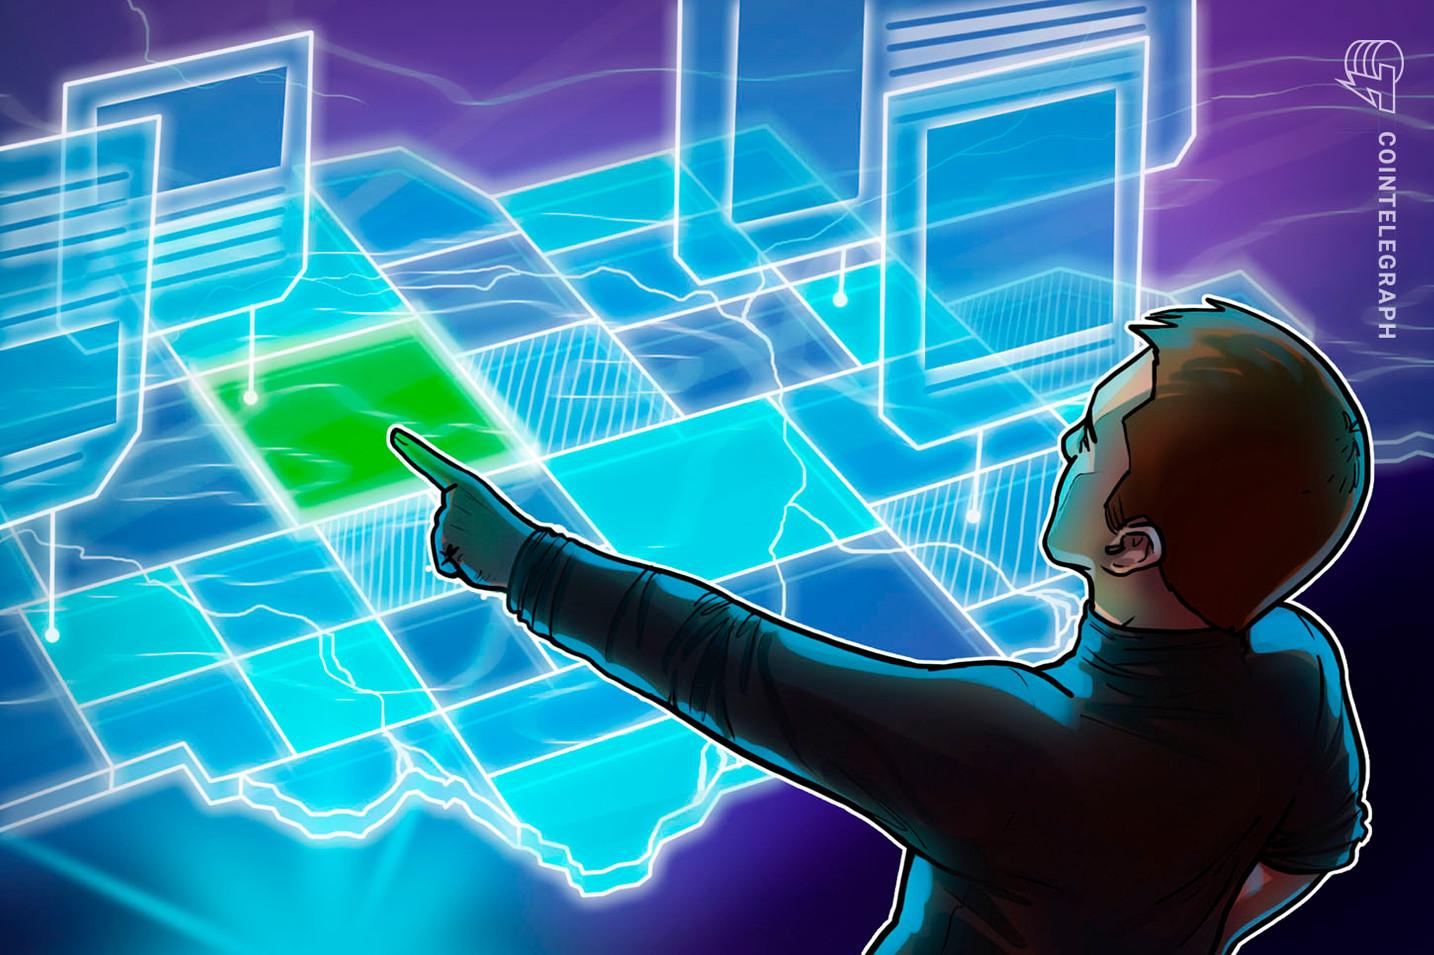 Twórca gry NFT odwraca wirtualną krainę Axie Infinity, aby zyskać 9,200% w ciągu jednego roku